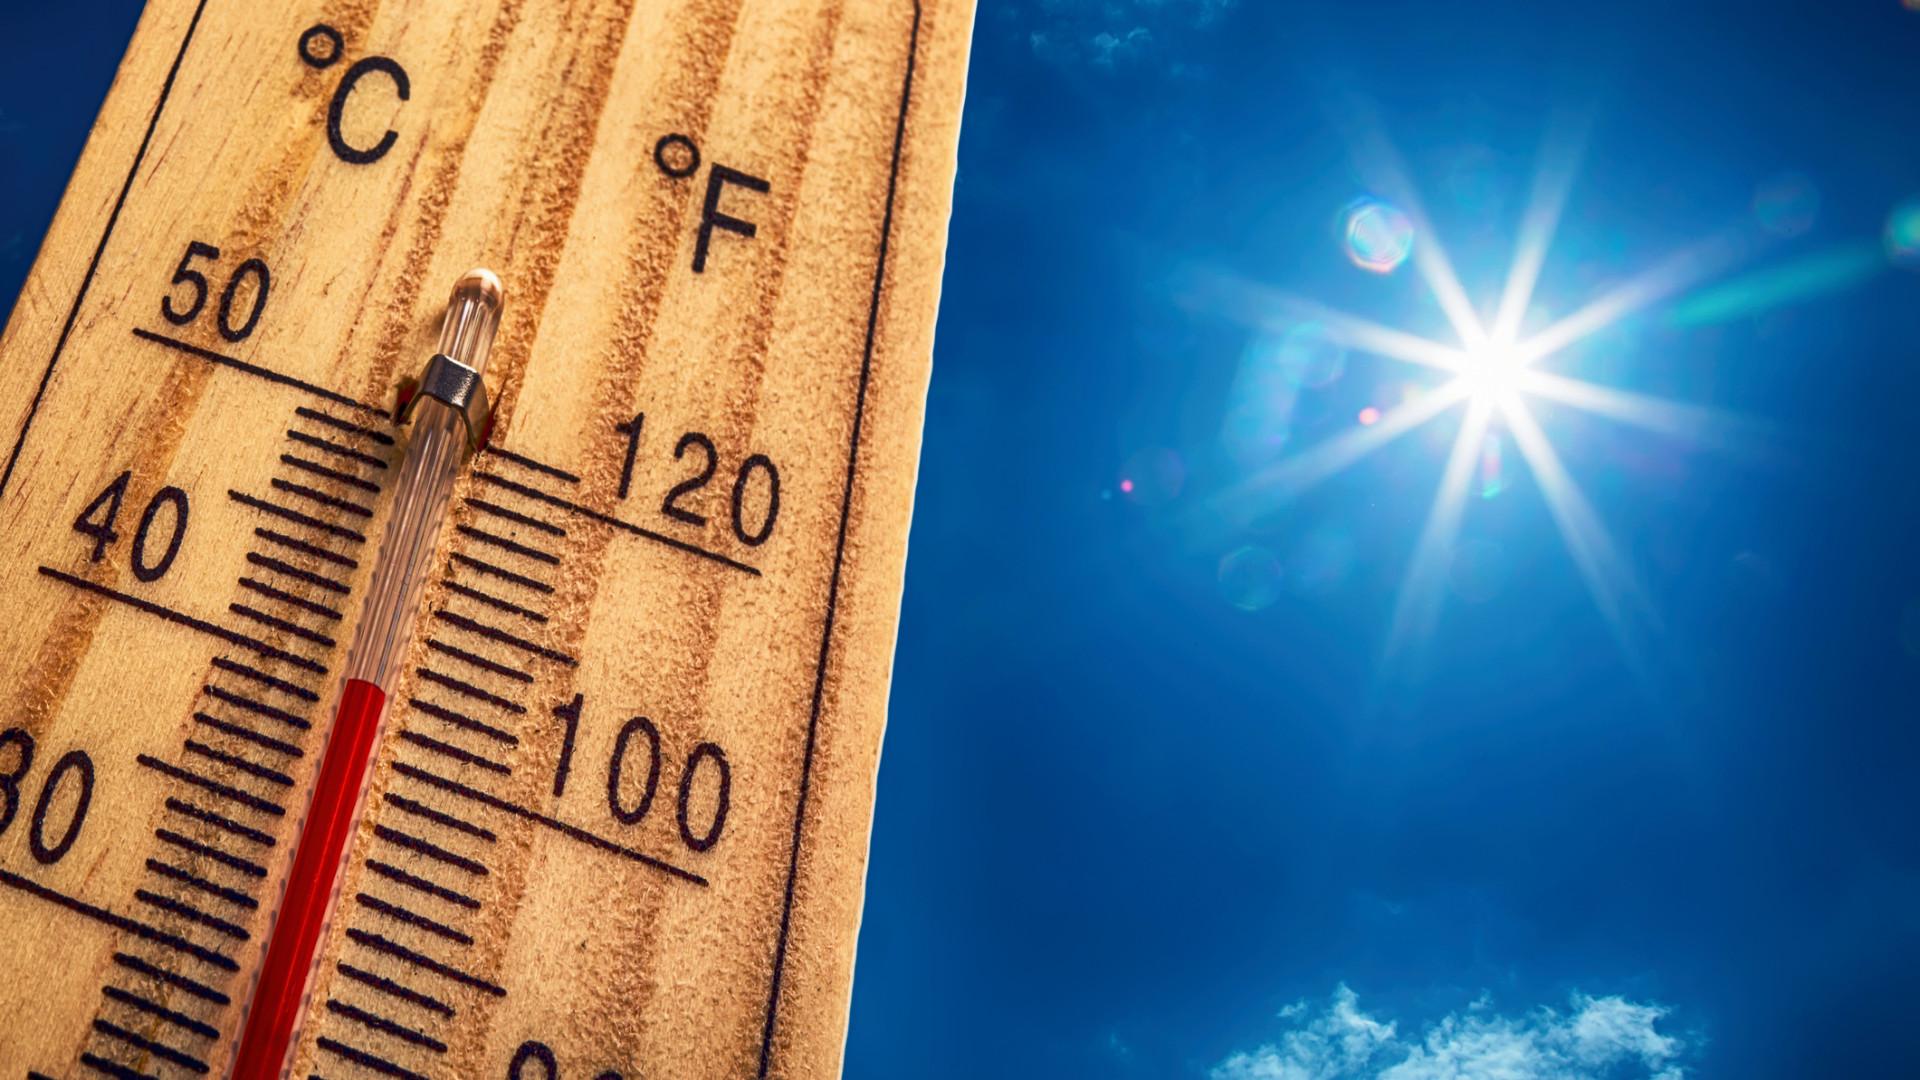 Aumenta para seis número de mortes na Catalunha devido a vaga de calor